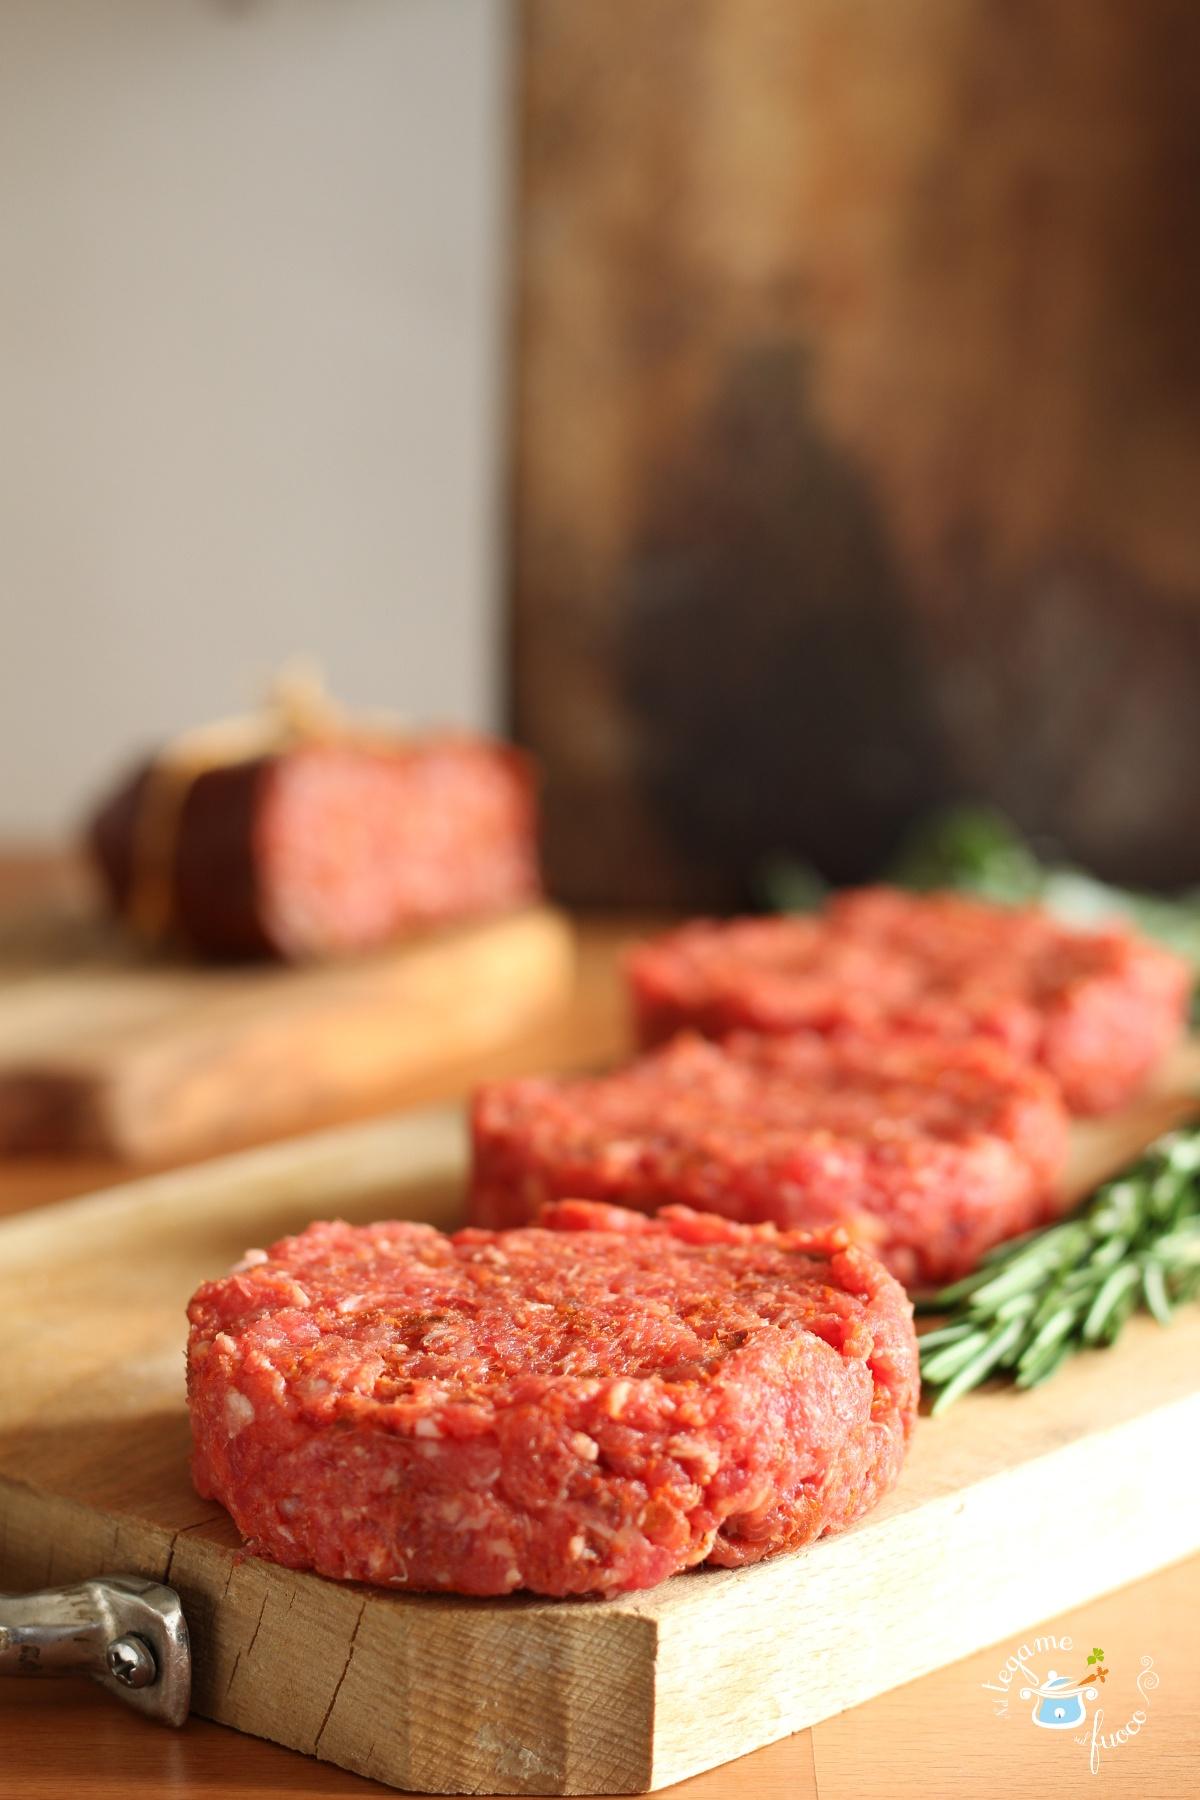 come fare in casa gli hamburger alla 'nduja calabrese